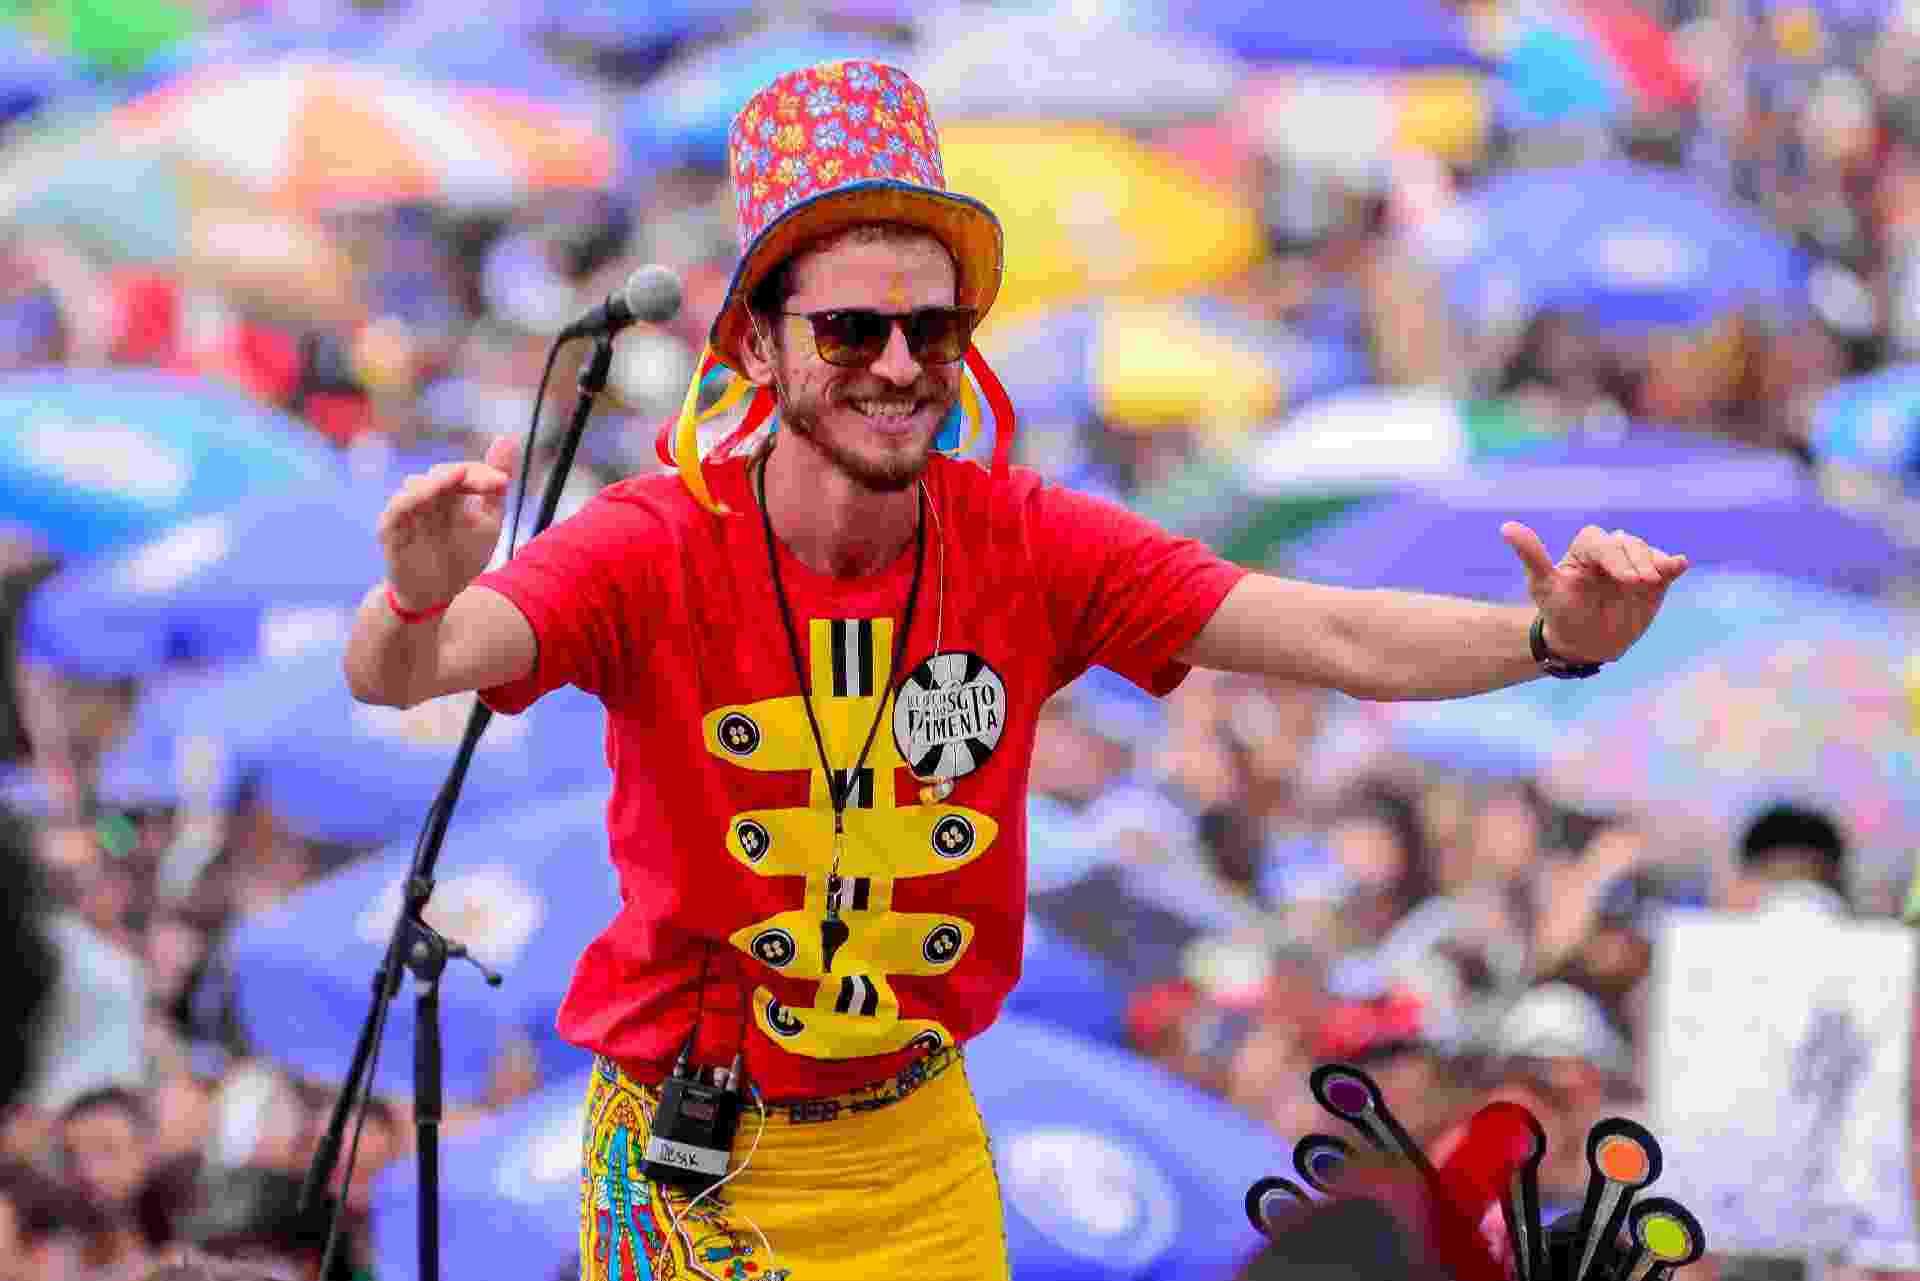 Bloco Sargento Pimenta se apresenta no Aterro do Flamengo, na zona sul do Rio de Janeiro, nesta segunda-feira, dia 12 de fevereiro e canta músicas dos Beatles em ritmo de Carnaval - Erbs Jr./UOL